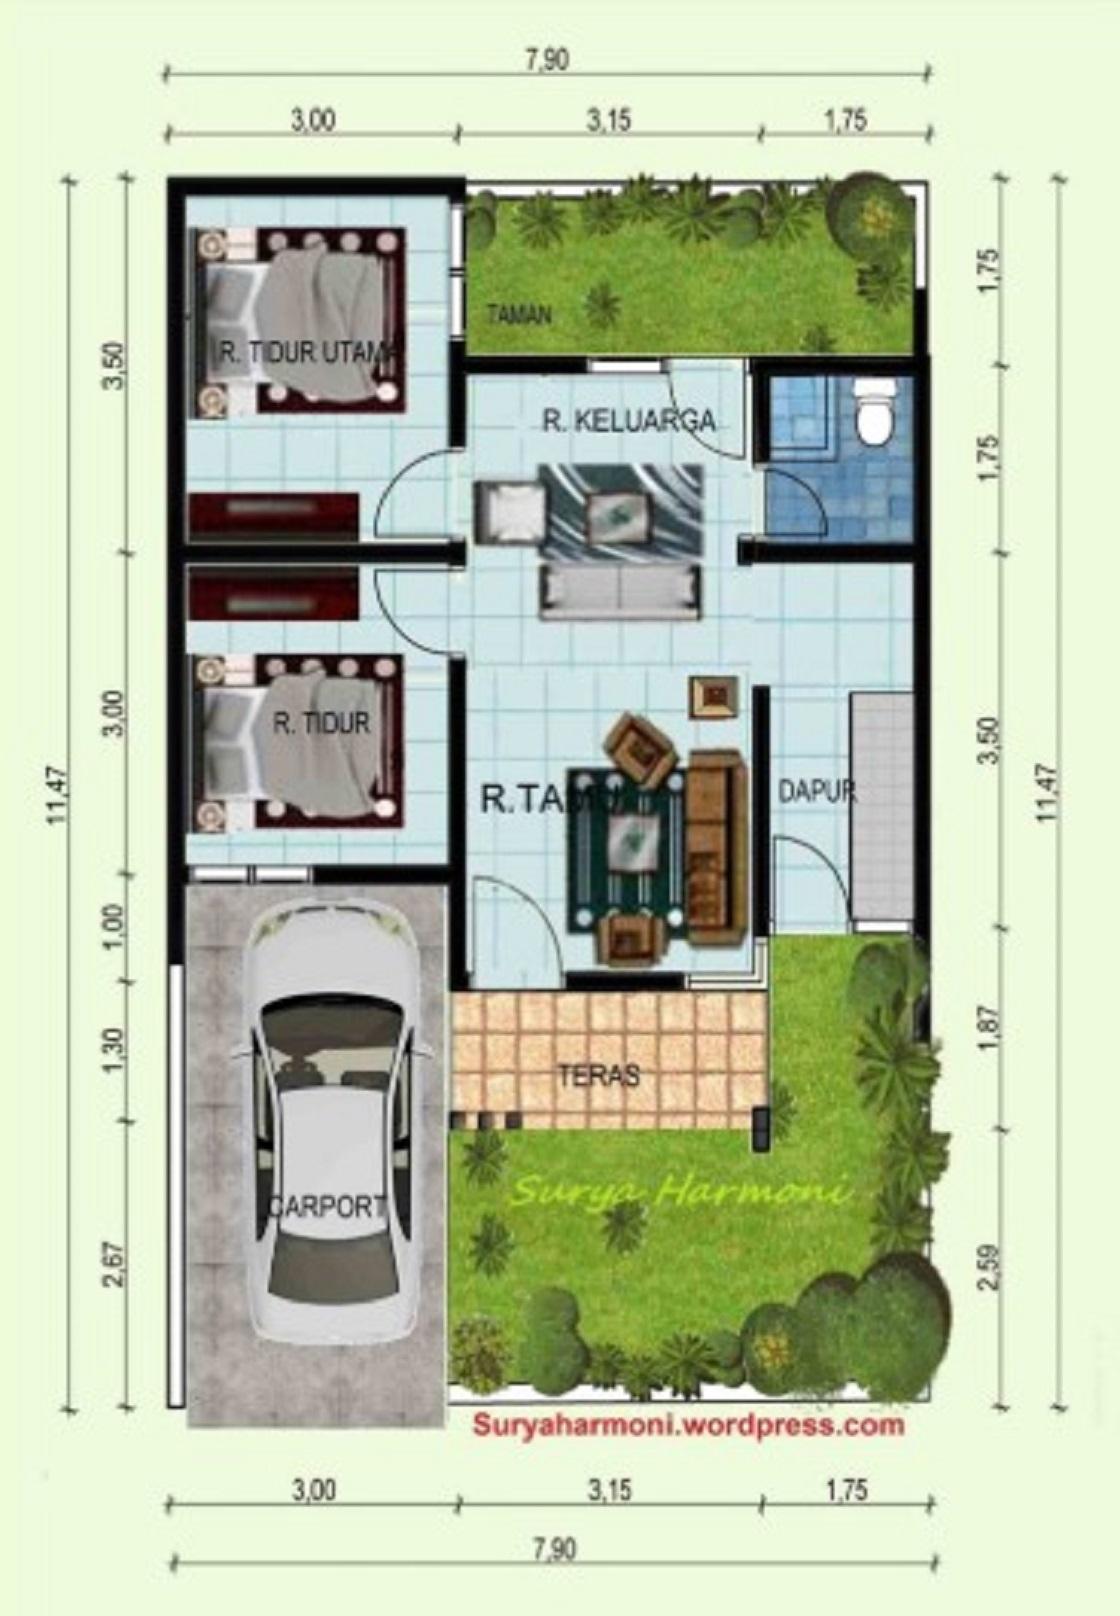 Desain Rumah Minimalis Modern 3 Kamar Tidur